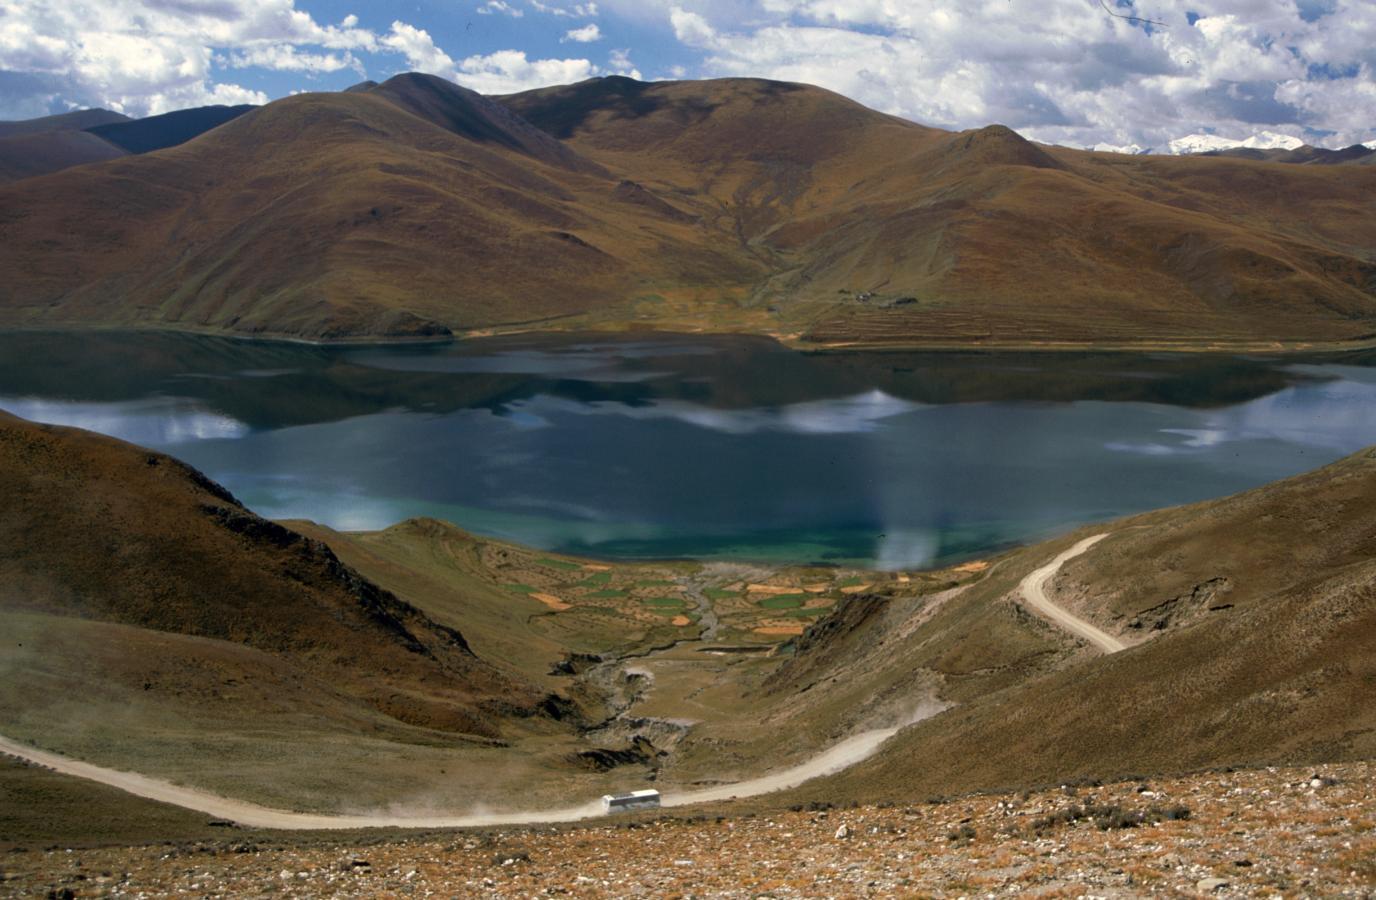 yamdrok-tso-lake-shot-from-gamta-la-pass-tibet-2000